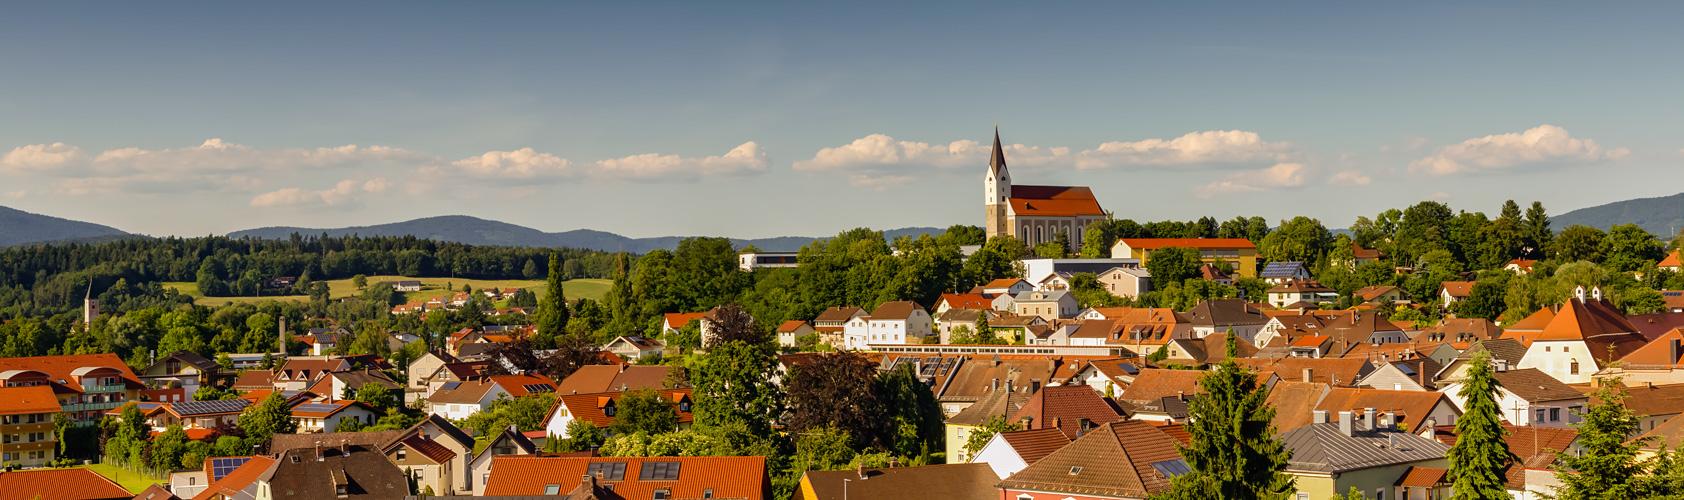 Hengersberg - Südansicht